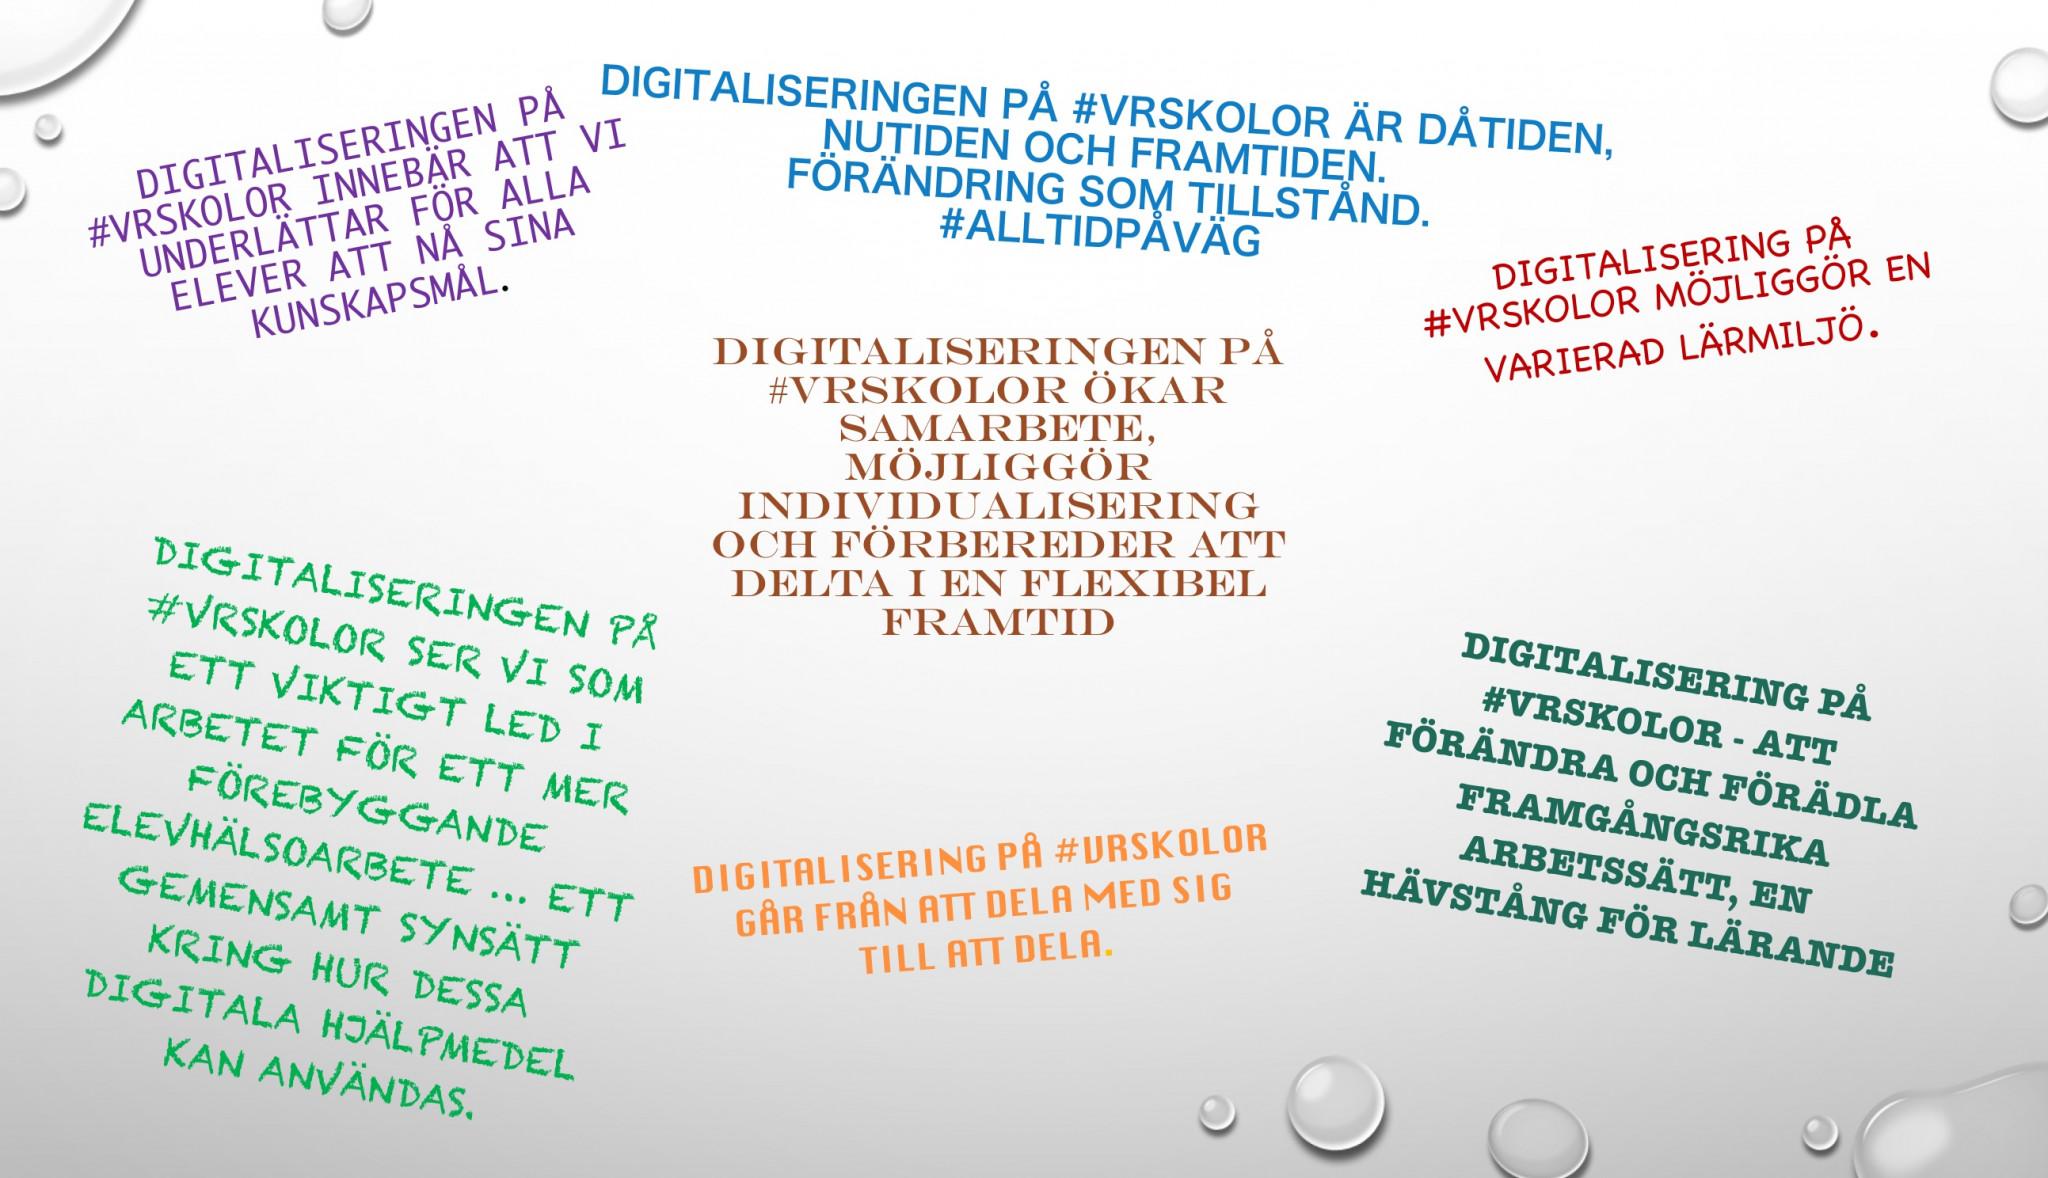 Digitalization at VR skolor